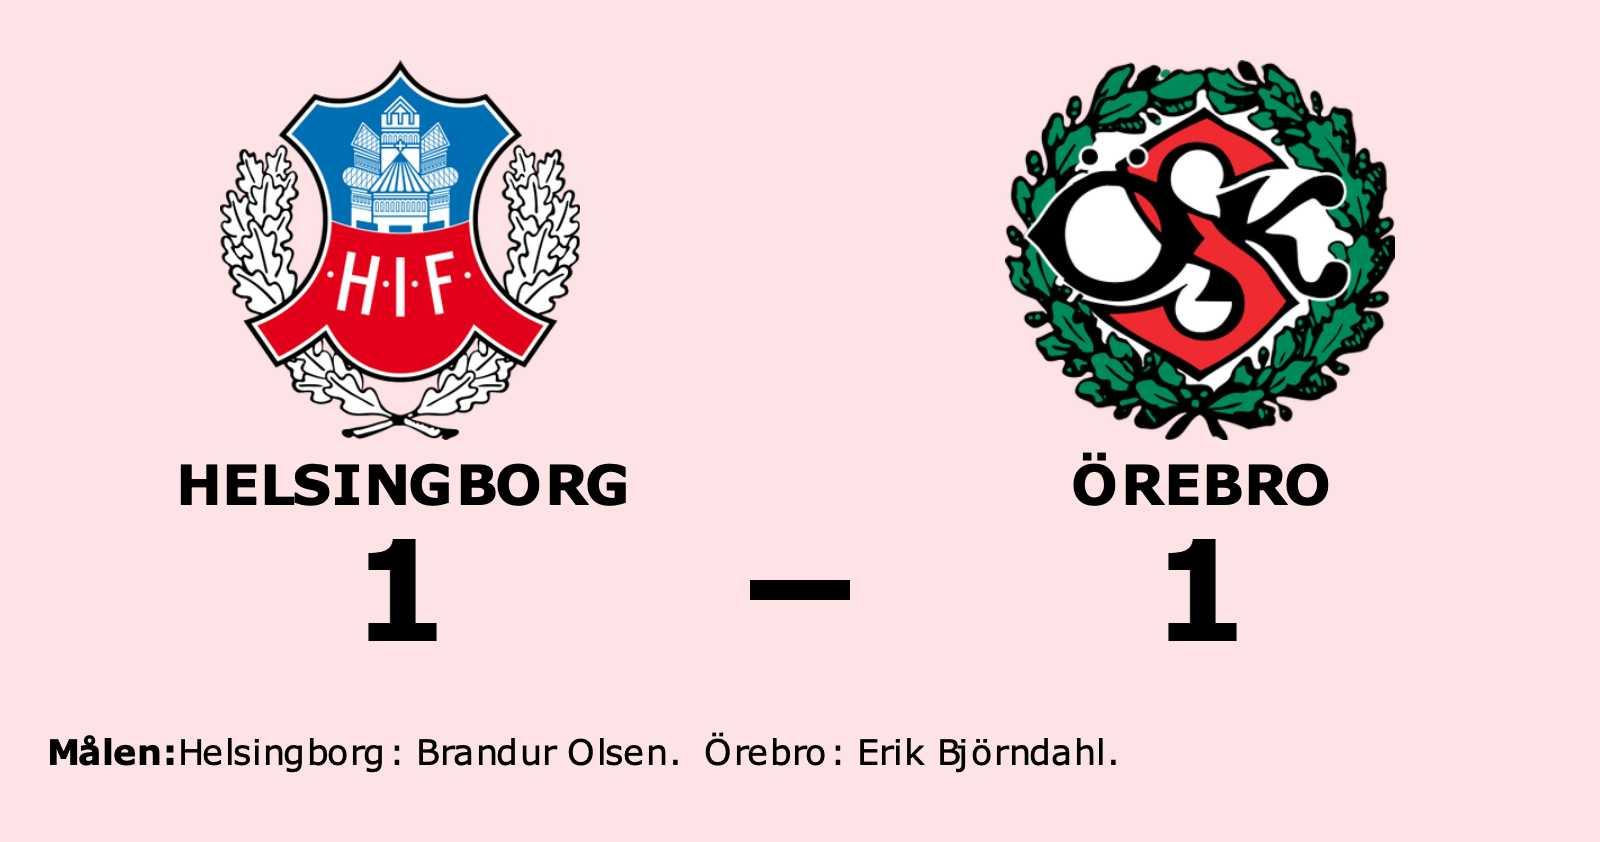 Brandur Olsen räddade poäng när Helsingborg kryssade